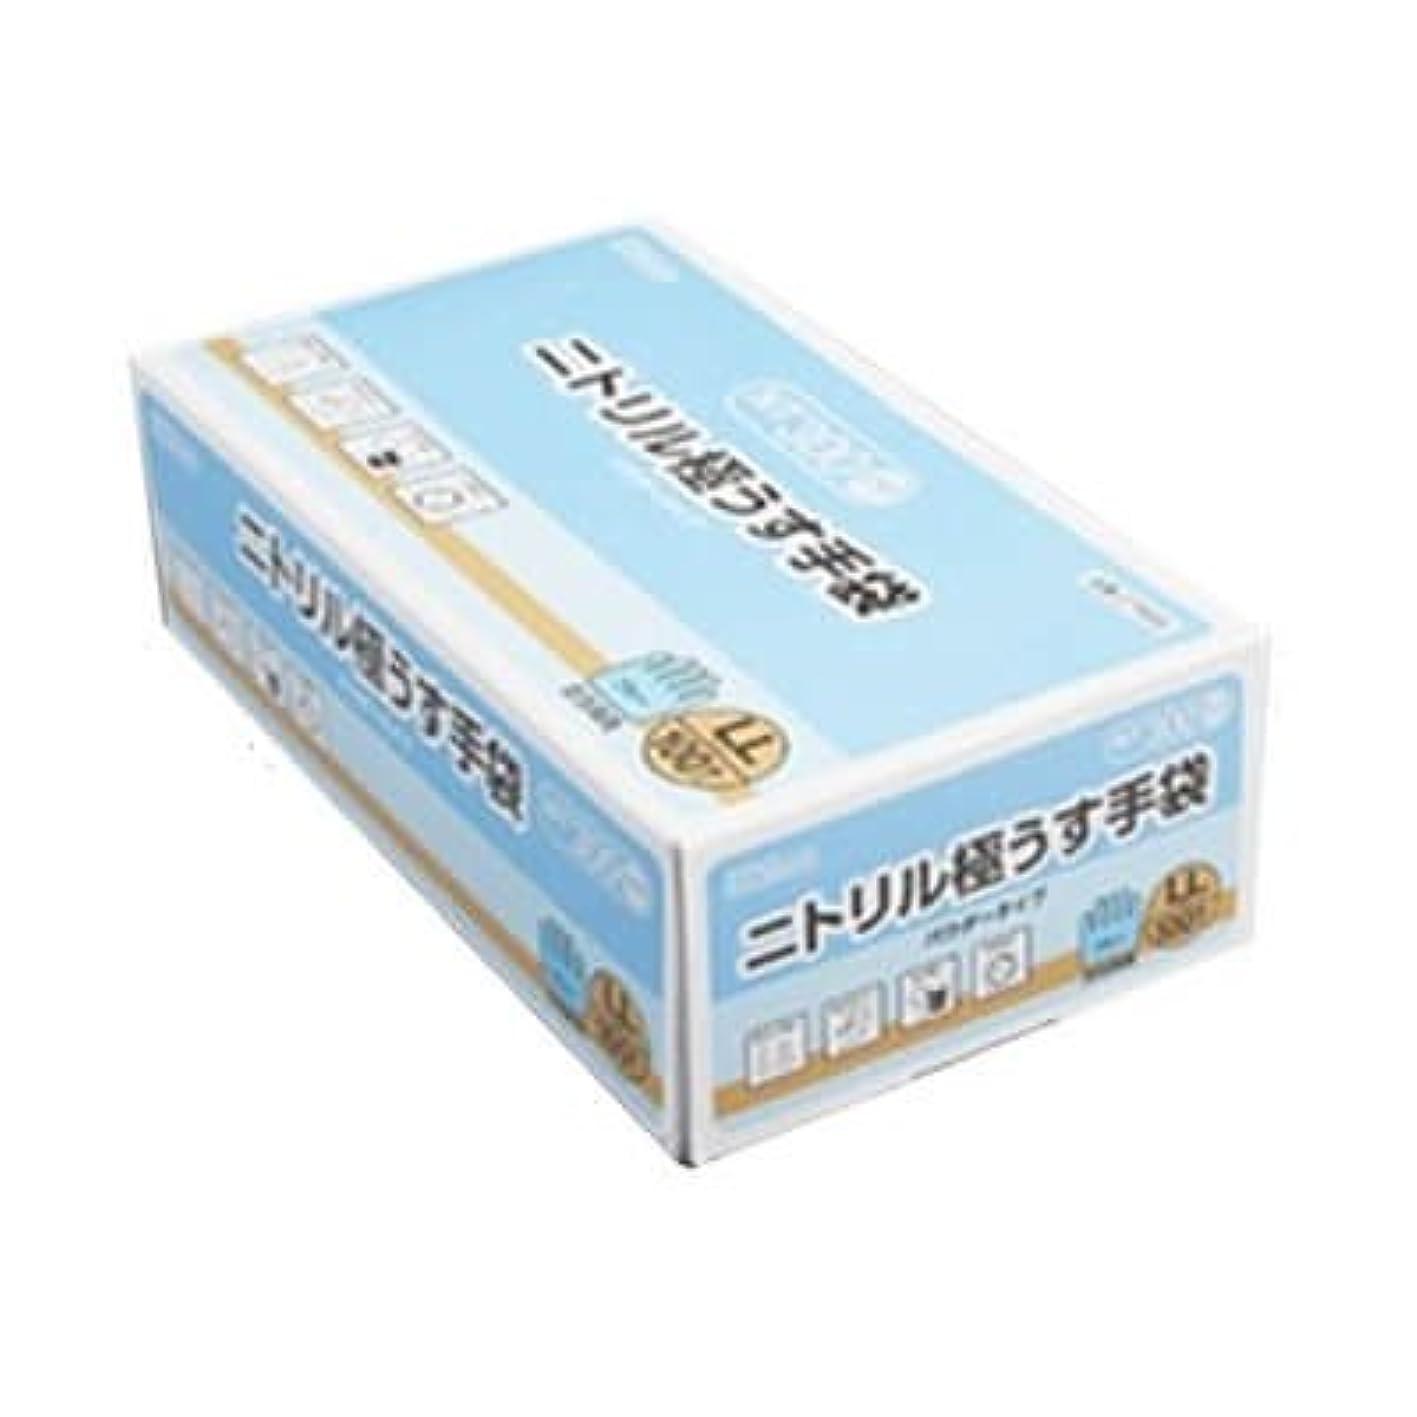 キルトビン実験【ケース販売】 ダンロップ ニトリル極うす手袋 粉付 LL ブルー NT-300 (100枚入×20箱)